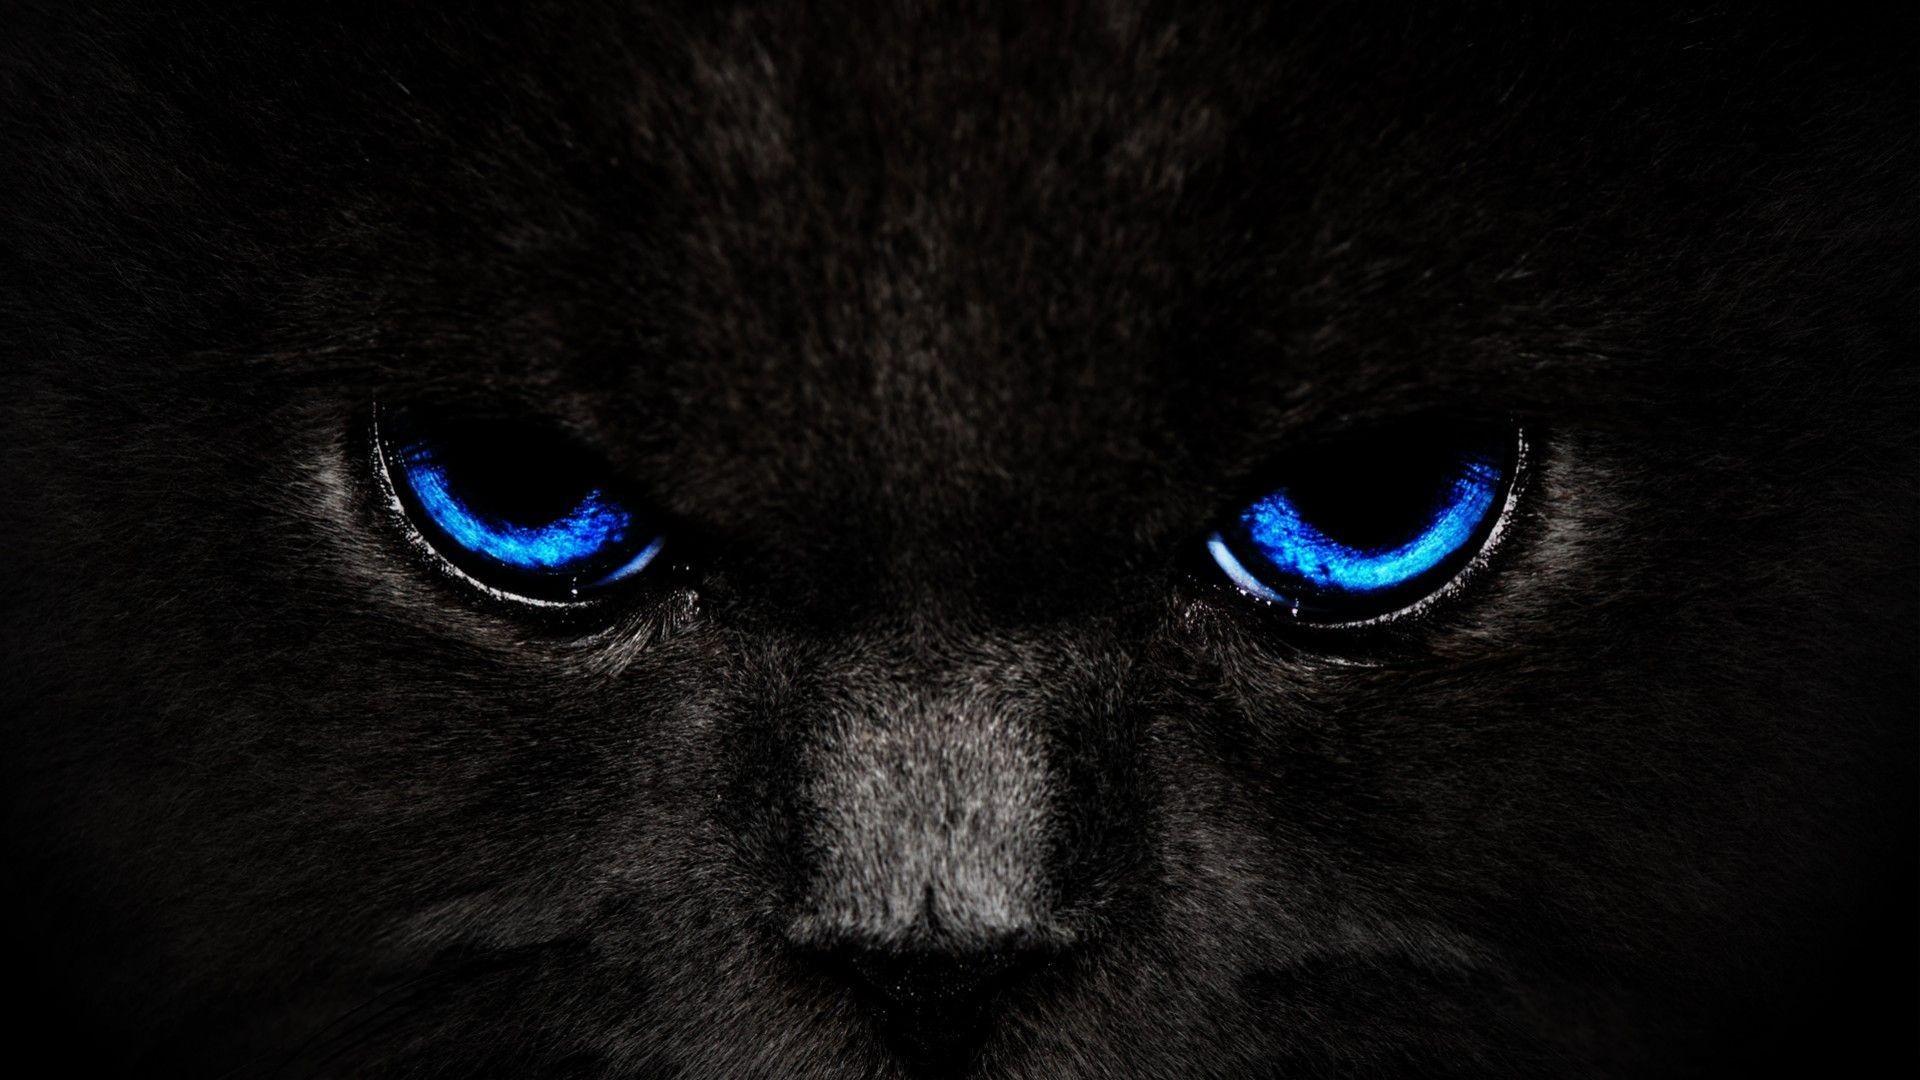 60 Cool Cat Hd